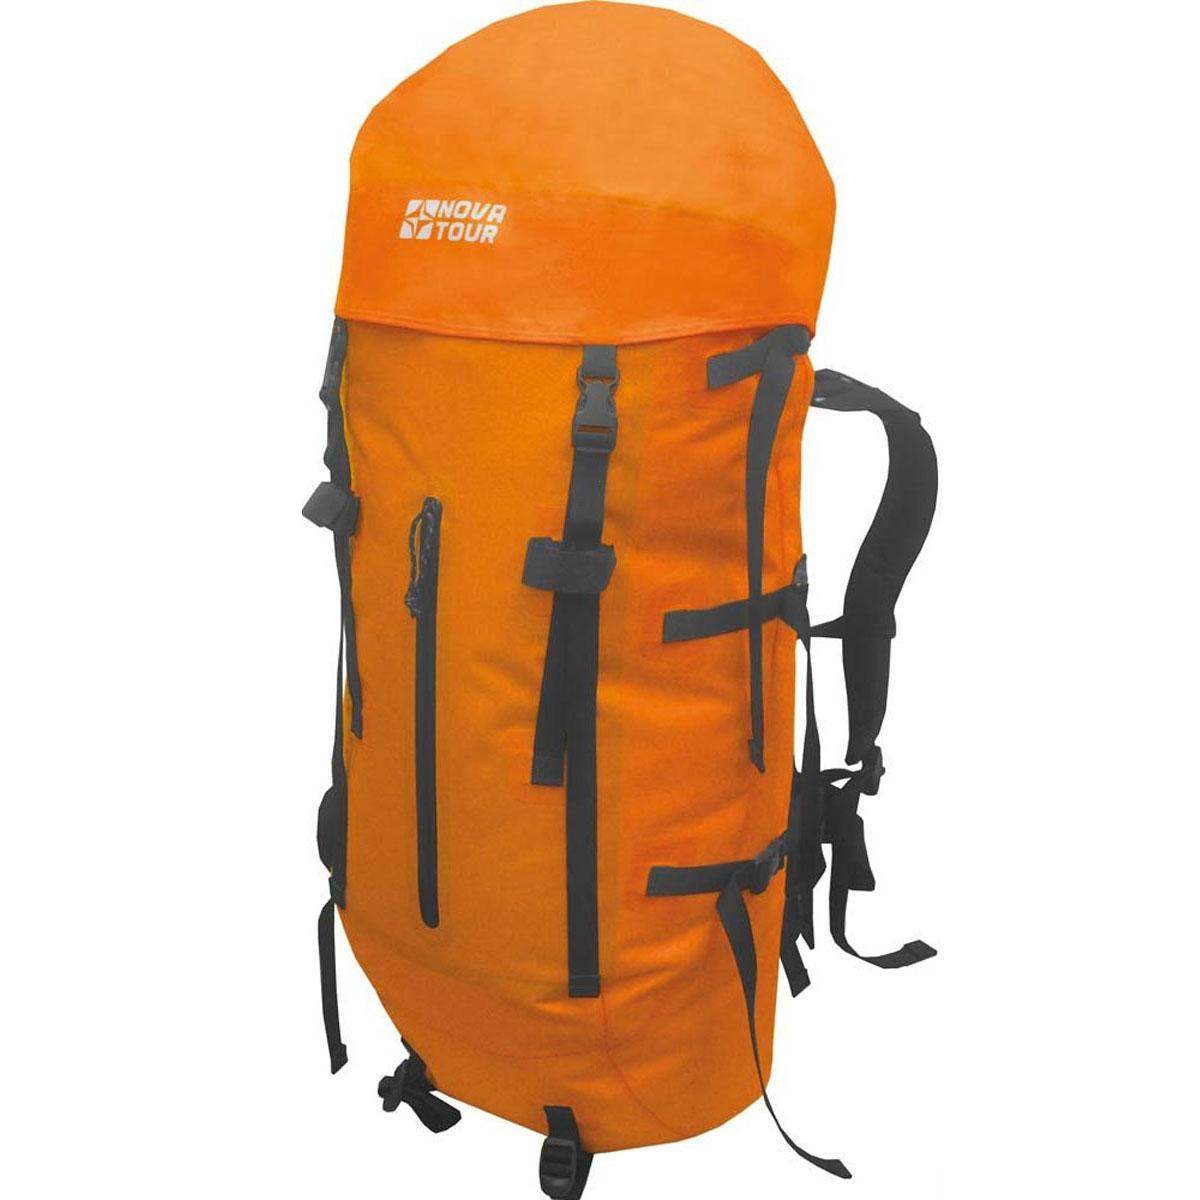 Рюкзак водонепроницаемый Nova Tour  Гидра 85 , цвет: оранжевый. 95145-207-00 - Туристические рюкзаки